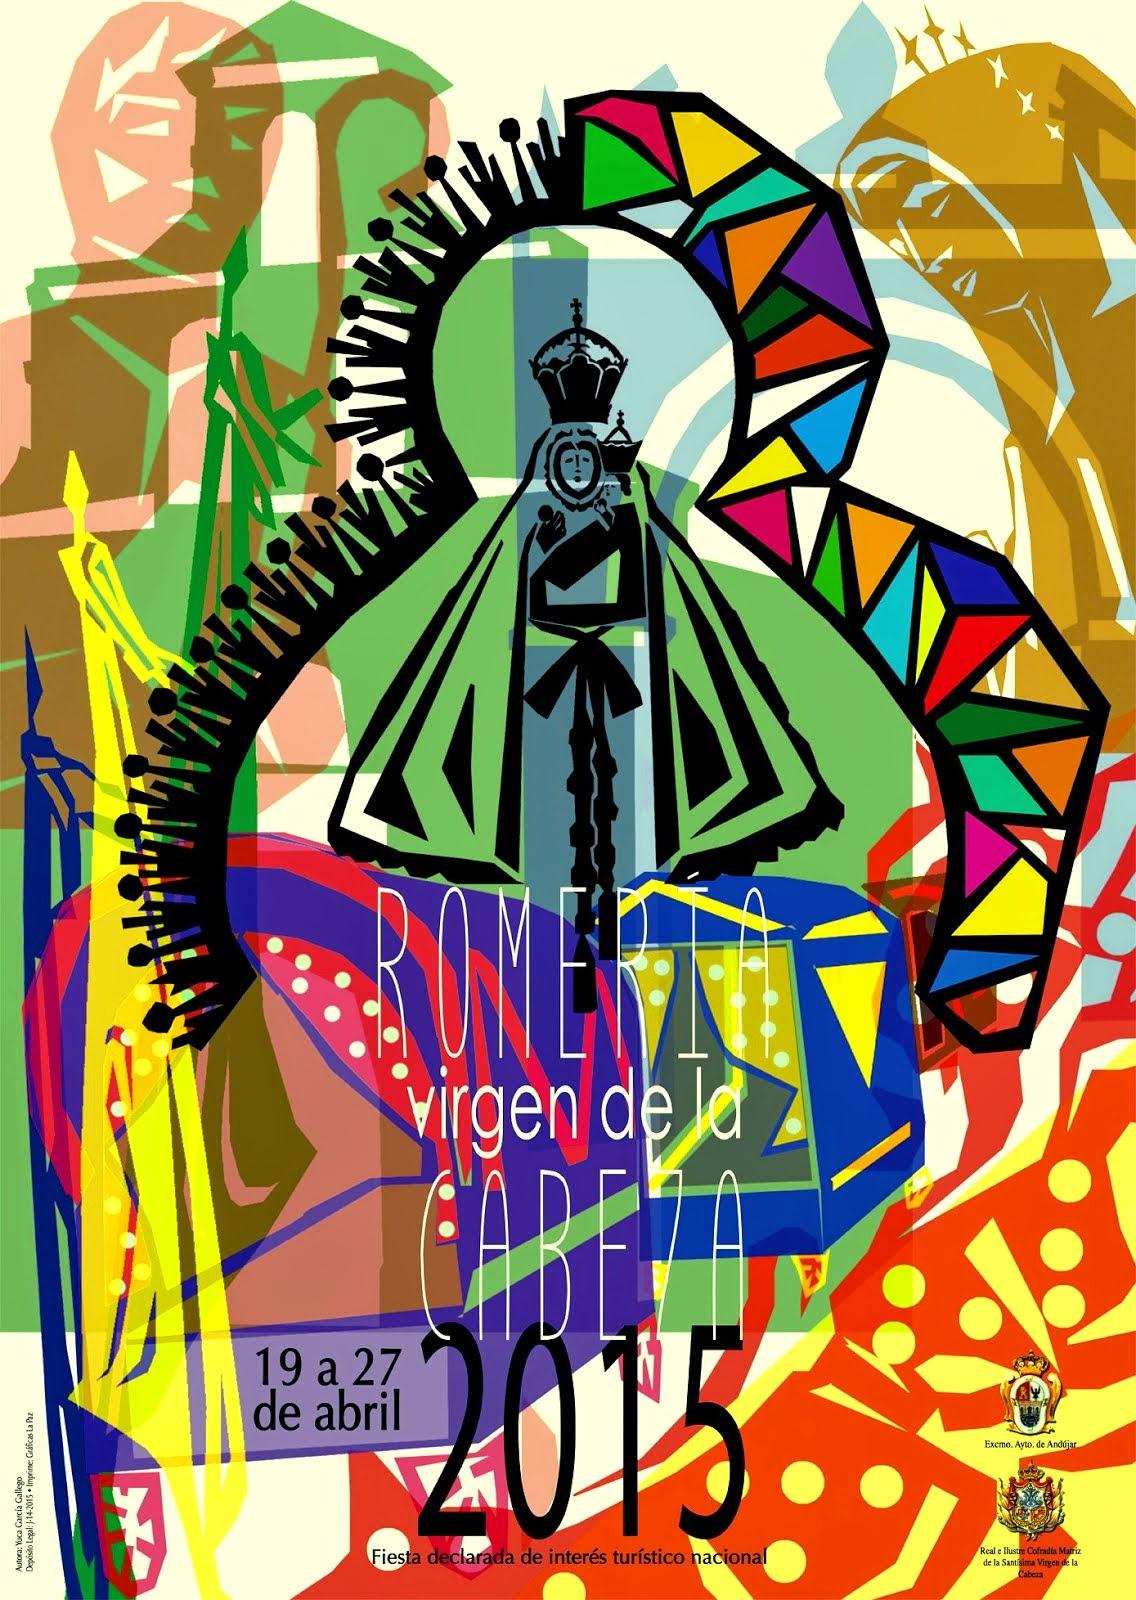 Romería de la Virgen de la Cabeza 2015